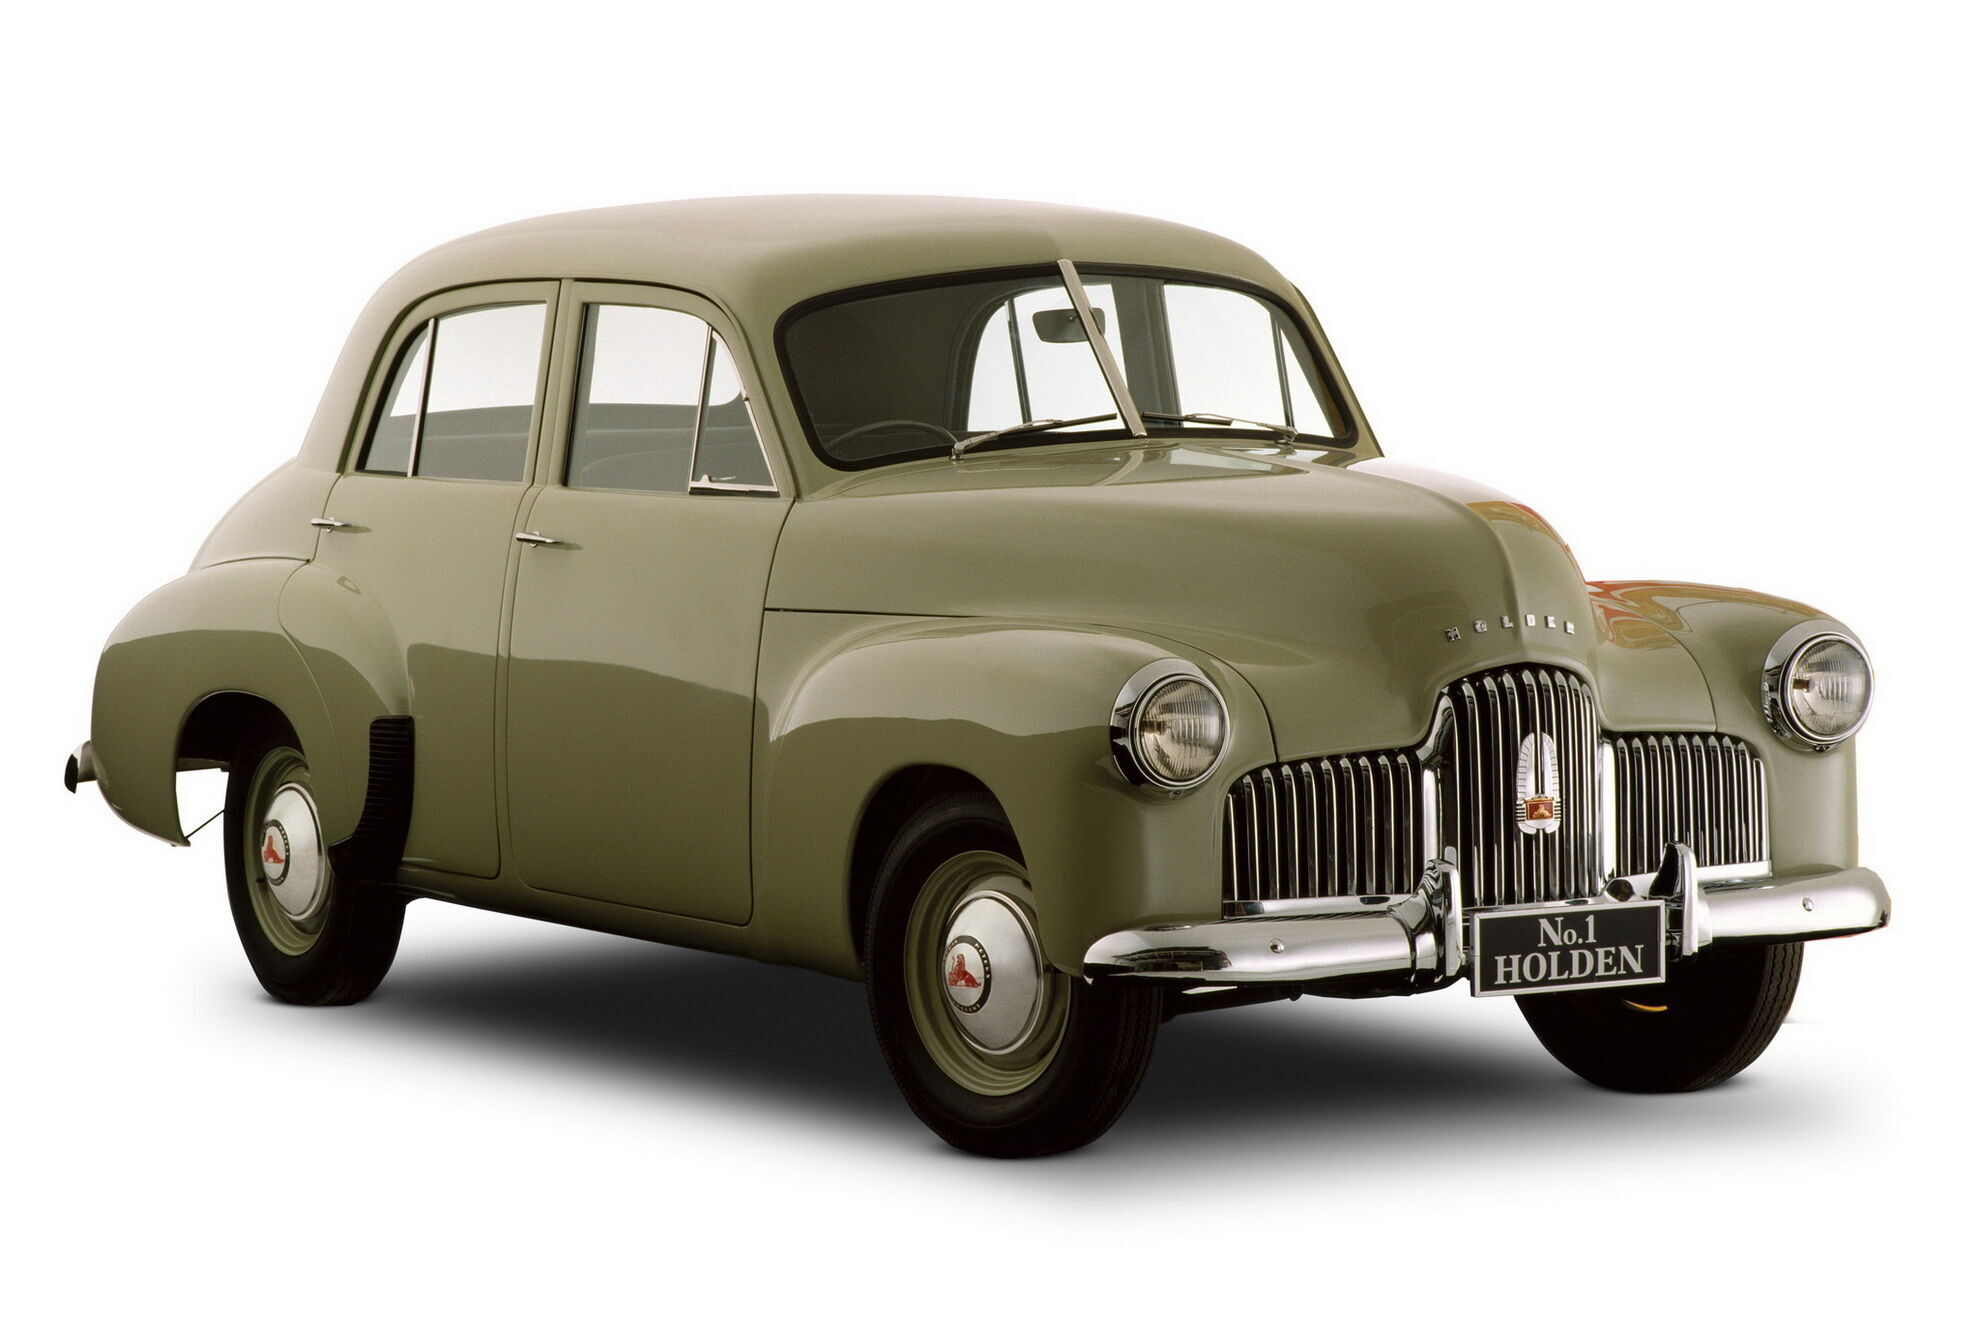 Первісток австралійської марки Holden – седан 48-215 випускався з 1948 до 1953 року